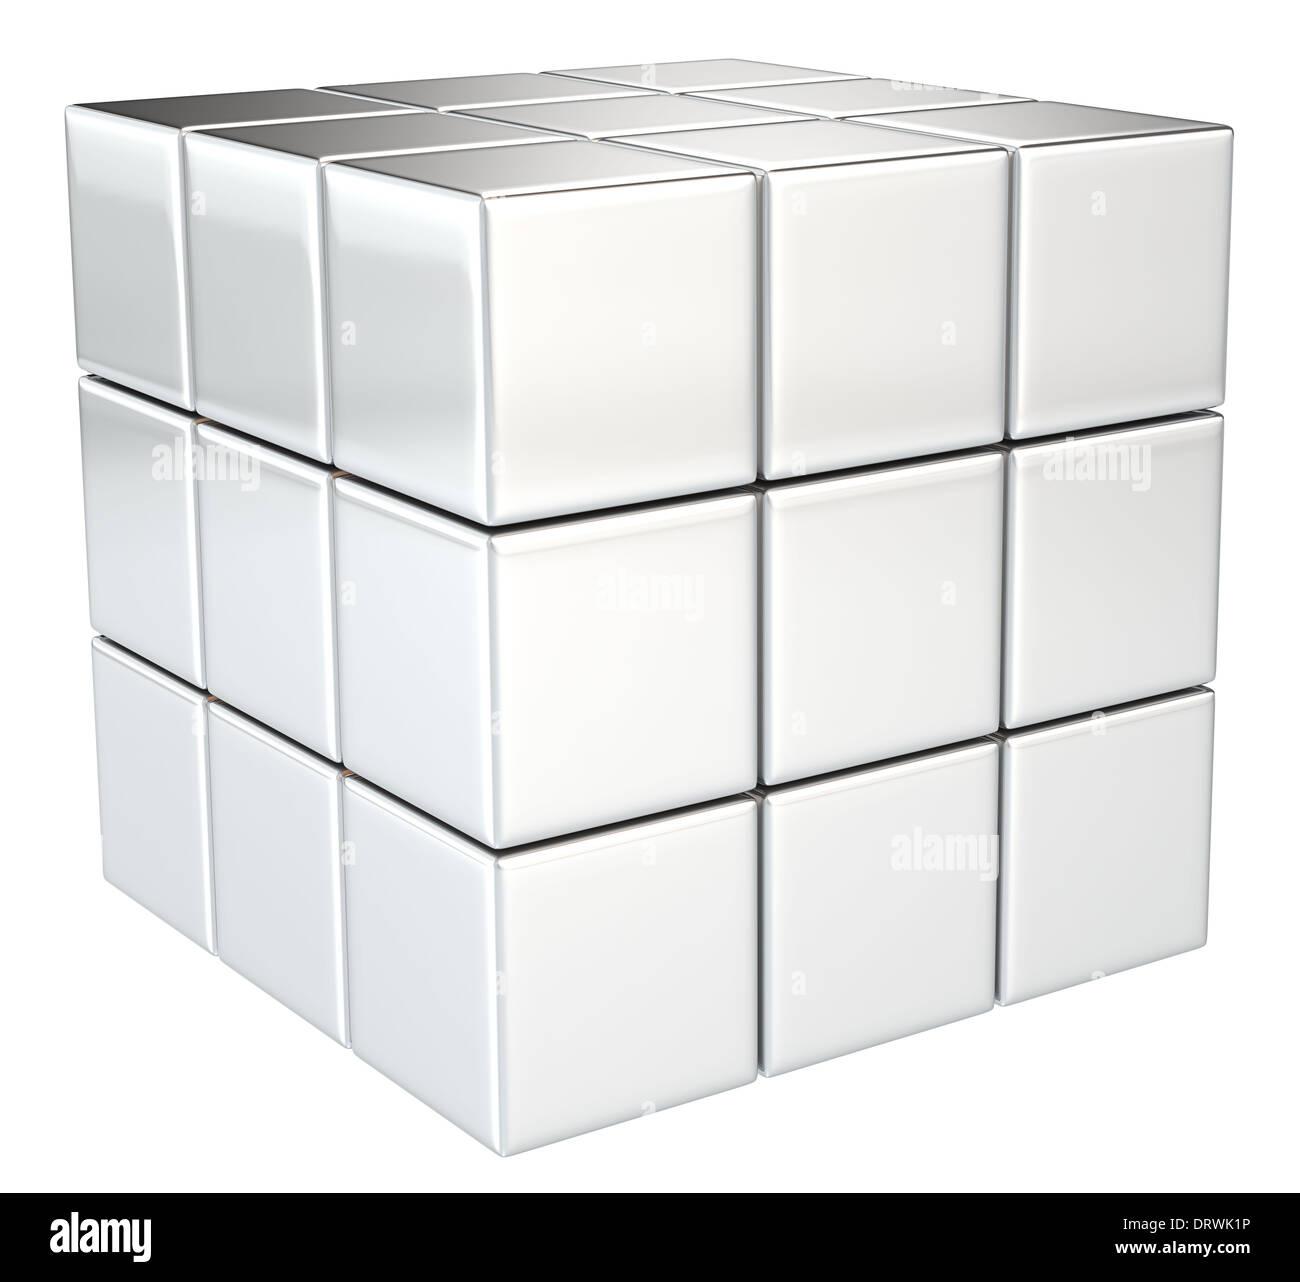 Cubo Di Metallo.Cubo Di Metallo Isolato Foto Immagine Stock 66331938 Alamy